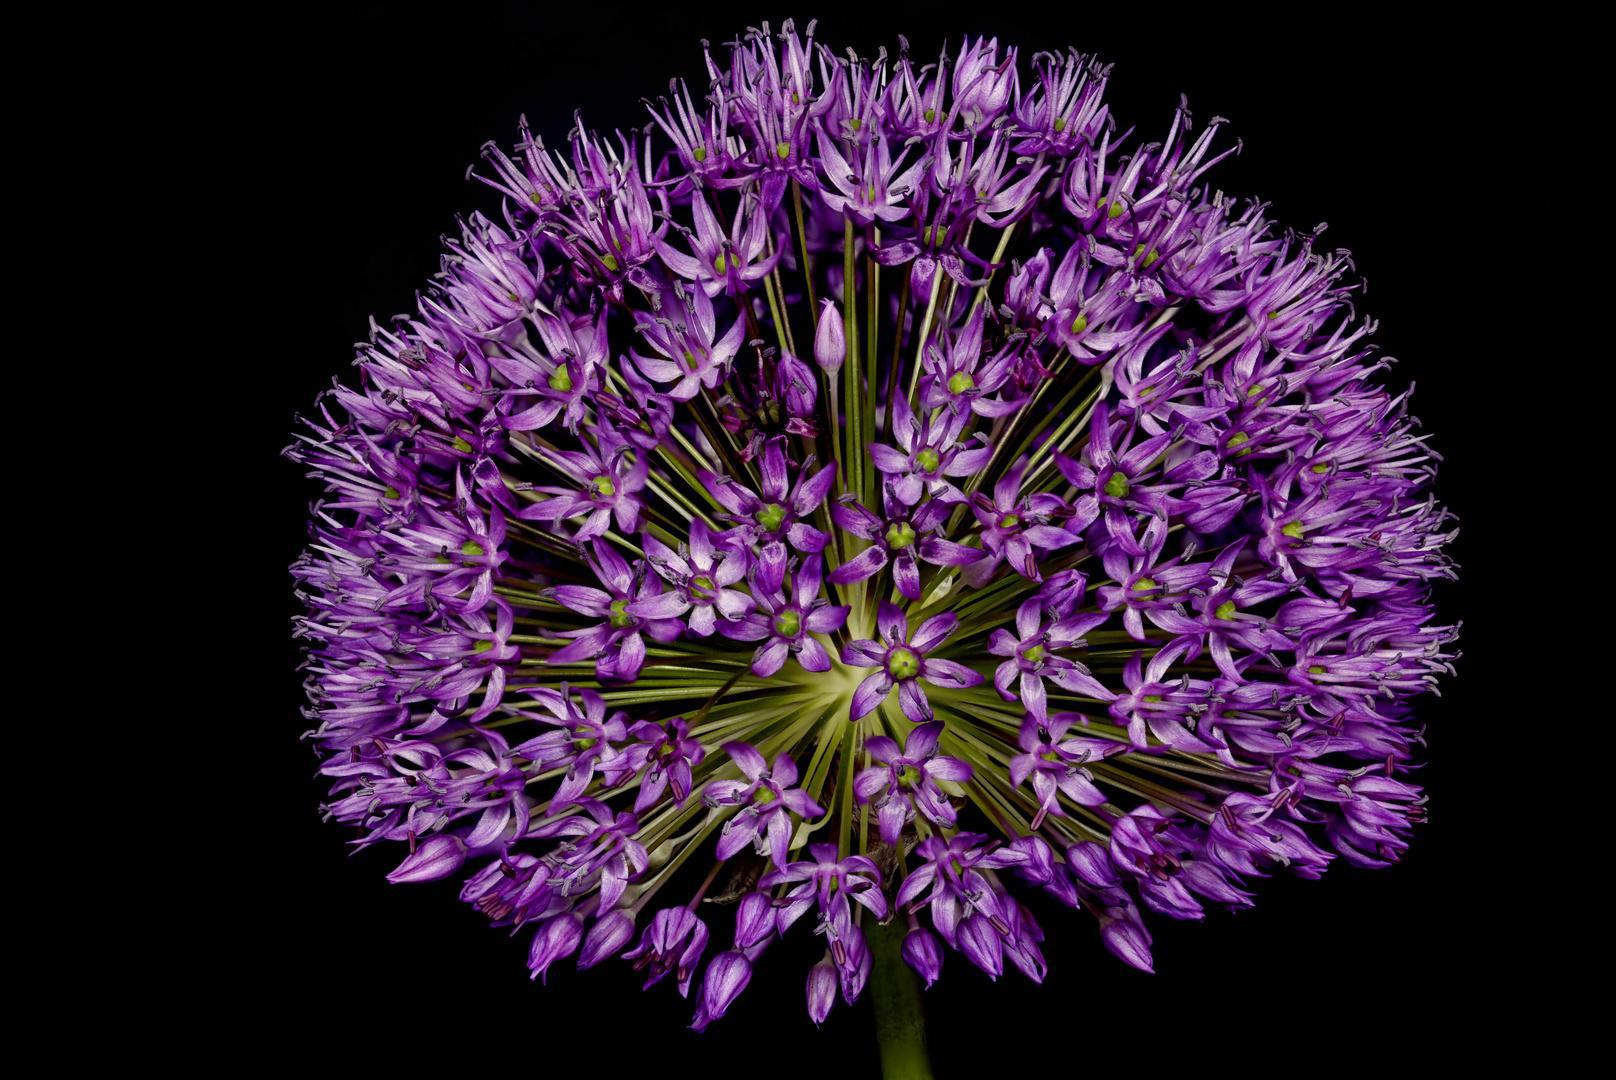 Allium - die farbenfrohe Blütenkugel und Bienenweide